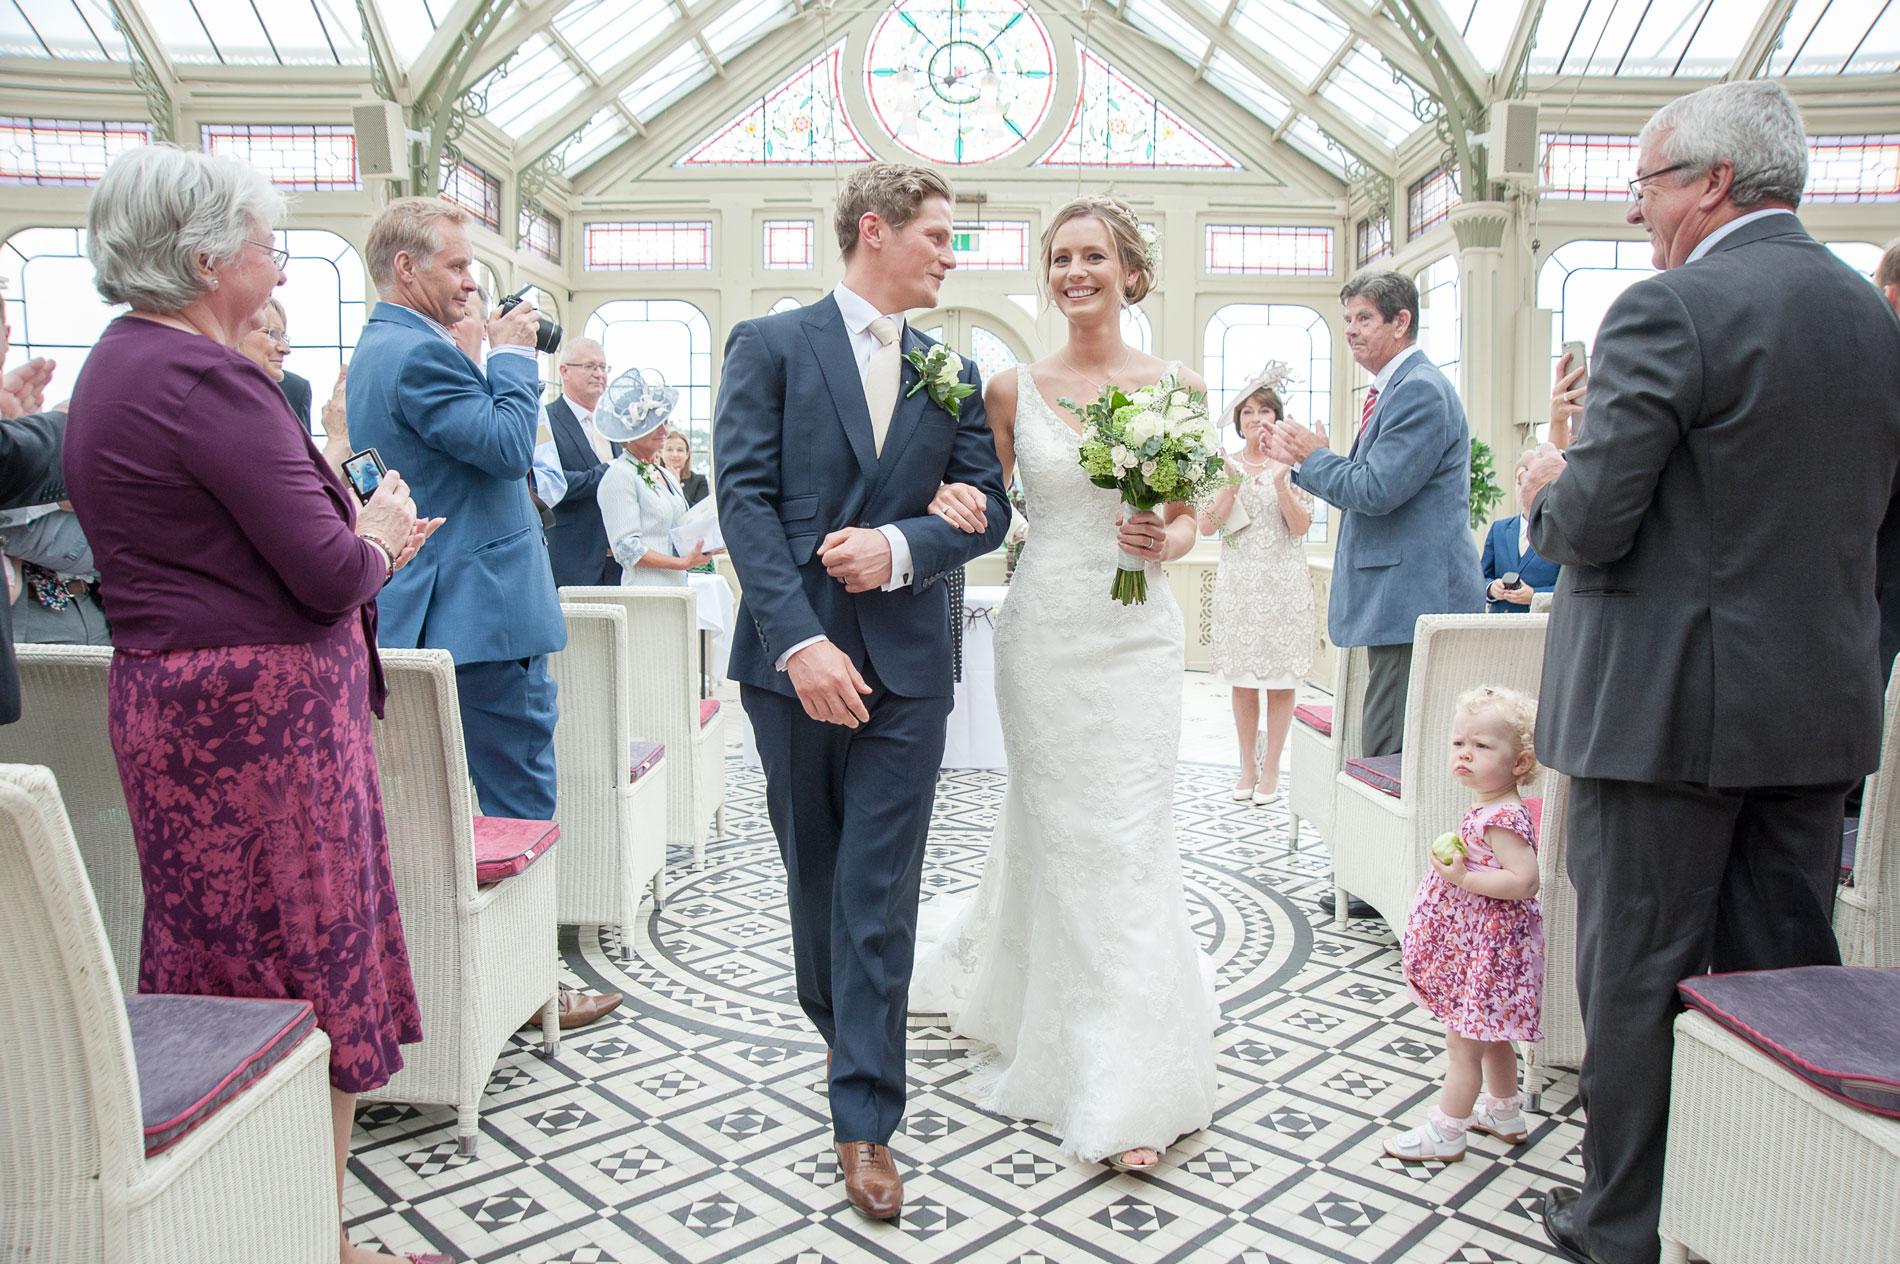 Kilworth-weddings-_27.jpg